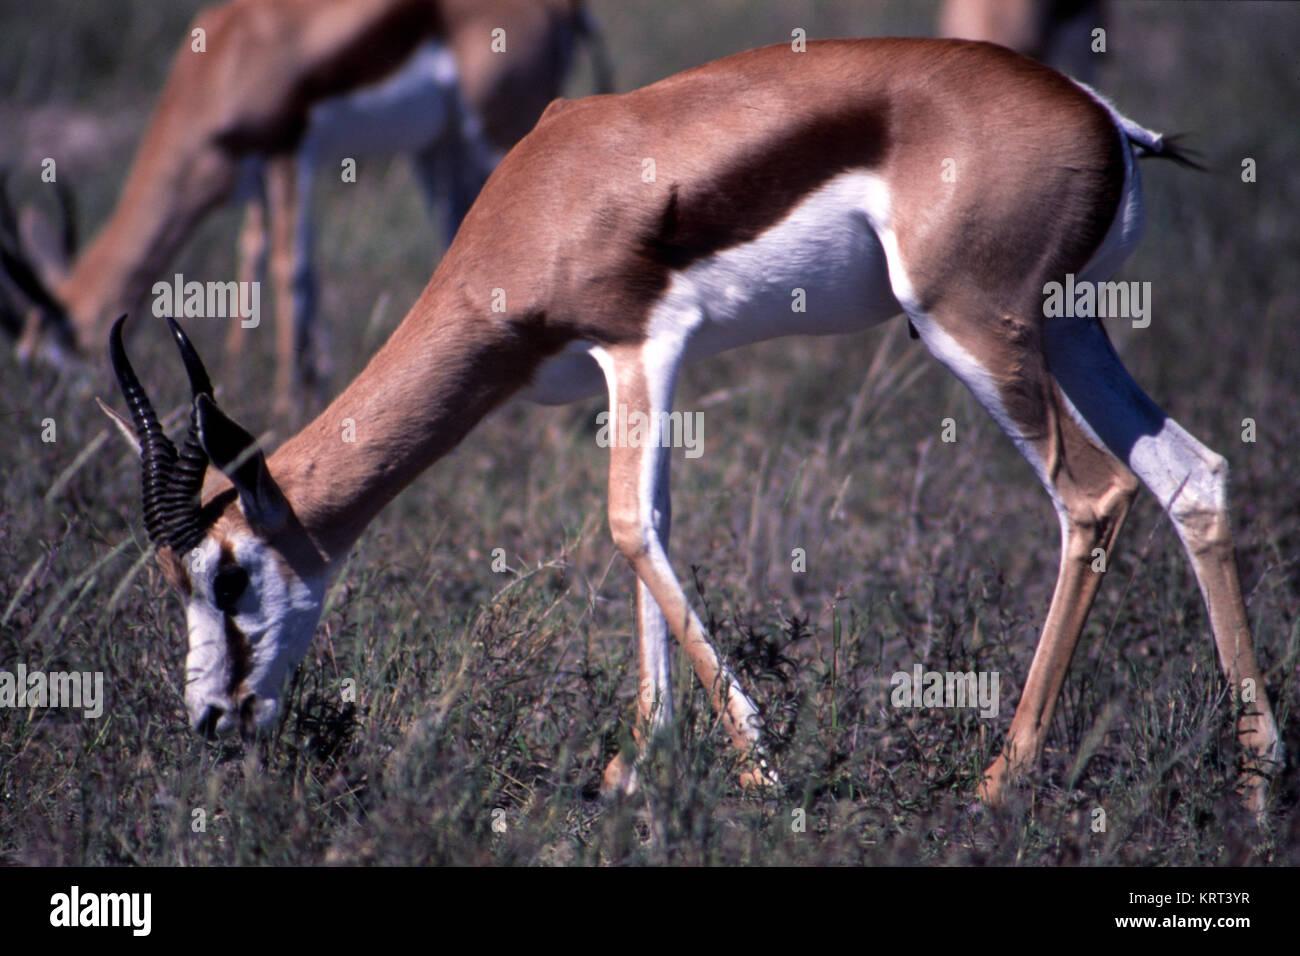 springbok (Antidorcas marsupialis) in the etosha national park namibia - Stock Image